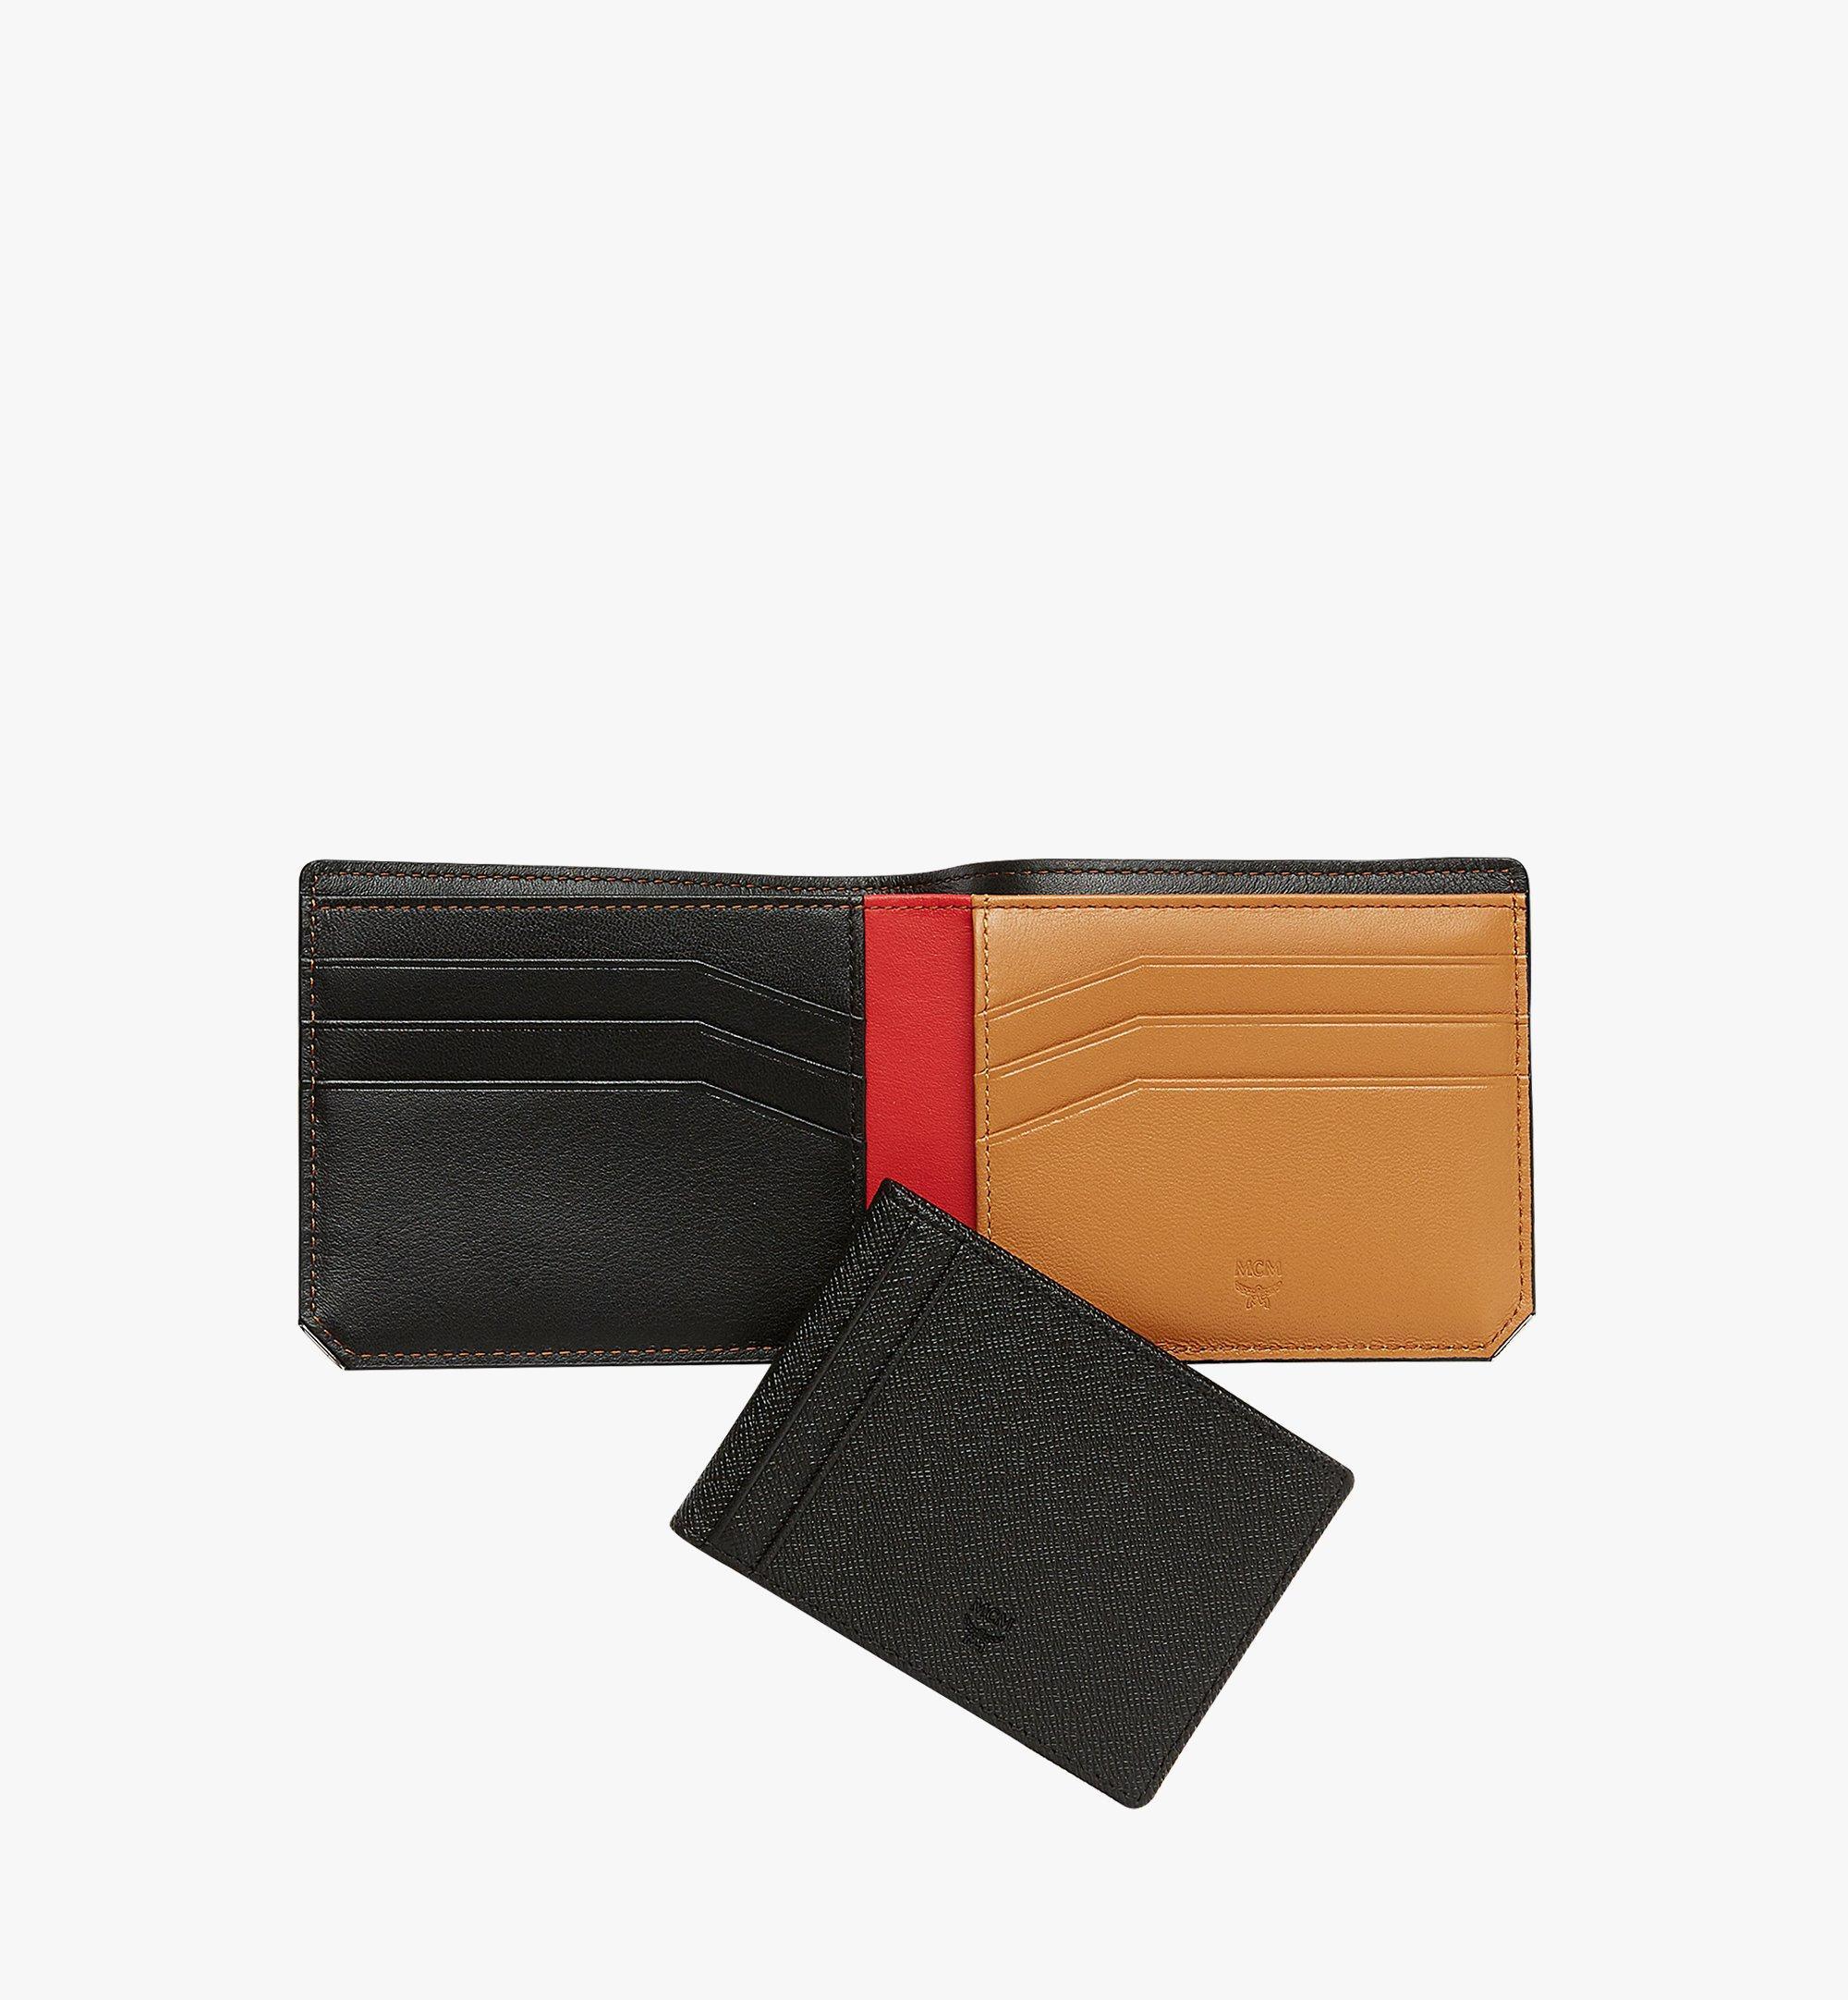 MCM New Bric 經典印花皮革兩折式錢包附卡夾 Black MXS8ALL42BK001 更多視圖 4